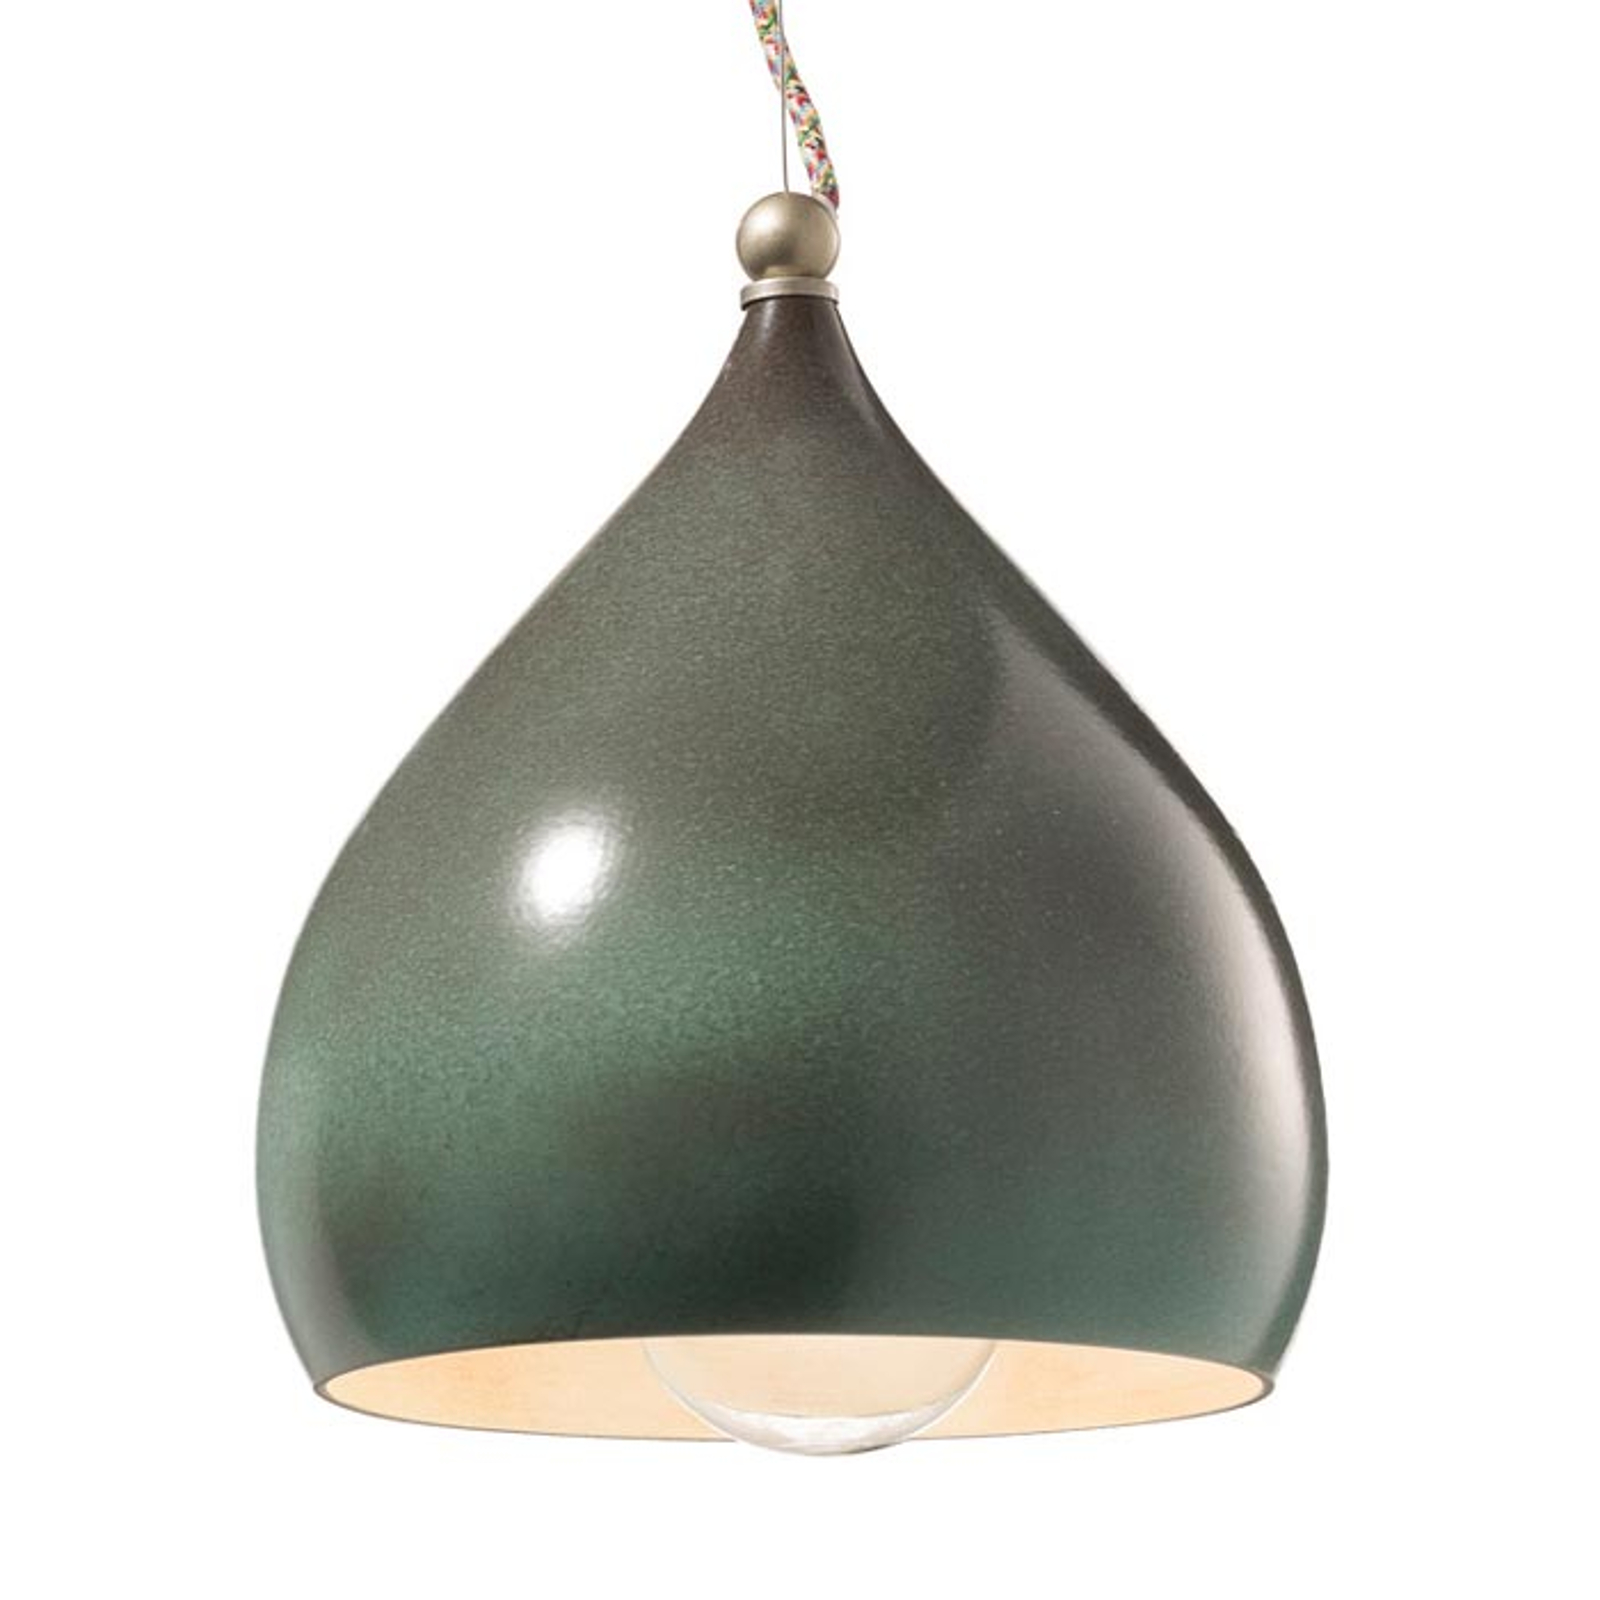 Lampada sospensione Federico, ceramica verde